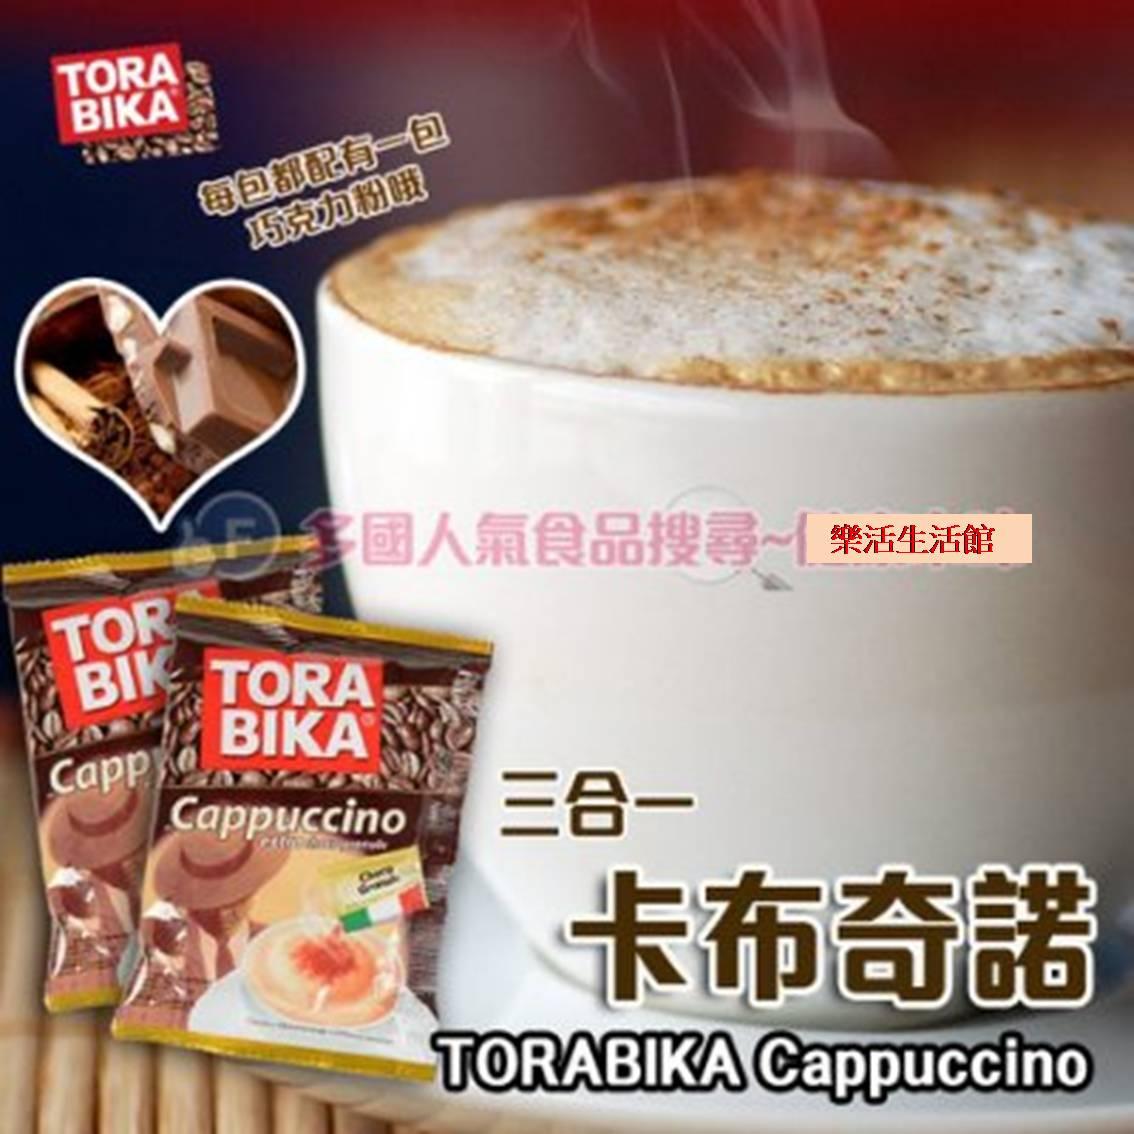 印尼 TORABIKA卡布其諾三合一咖啡